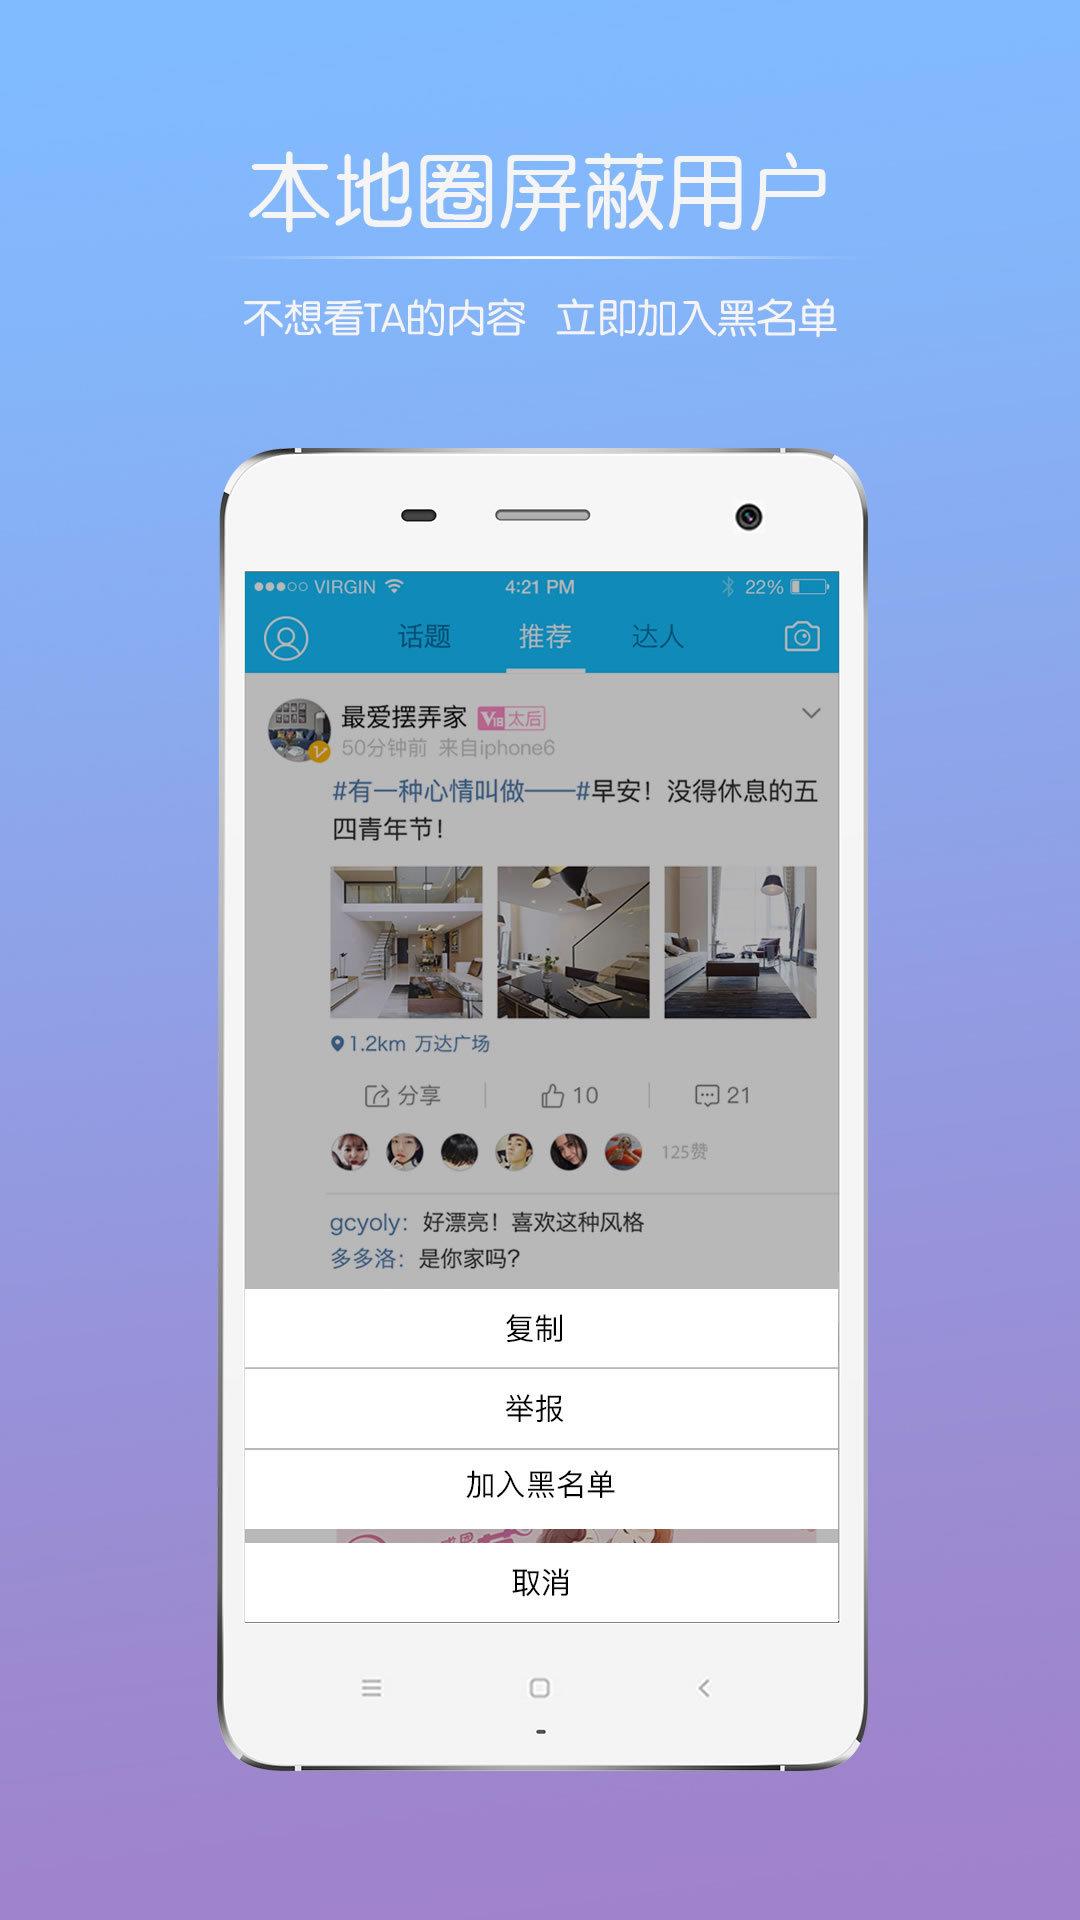 莱芜圈app截图5